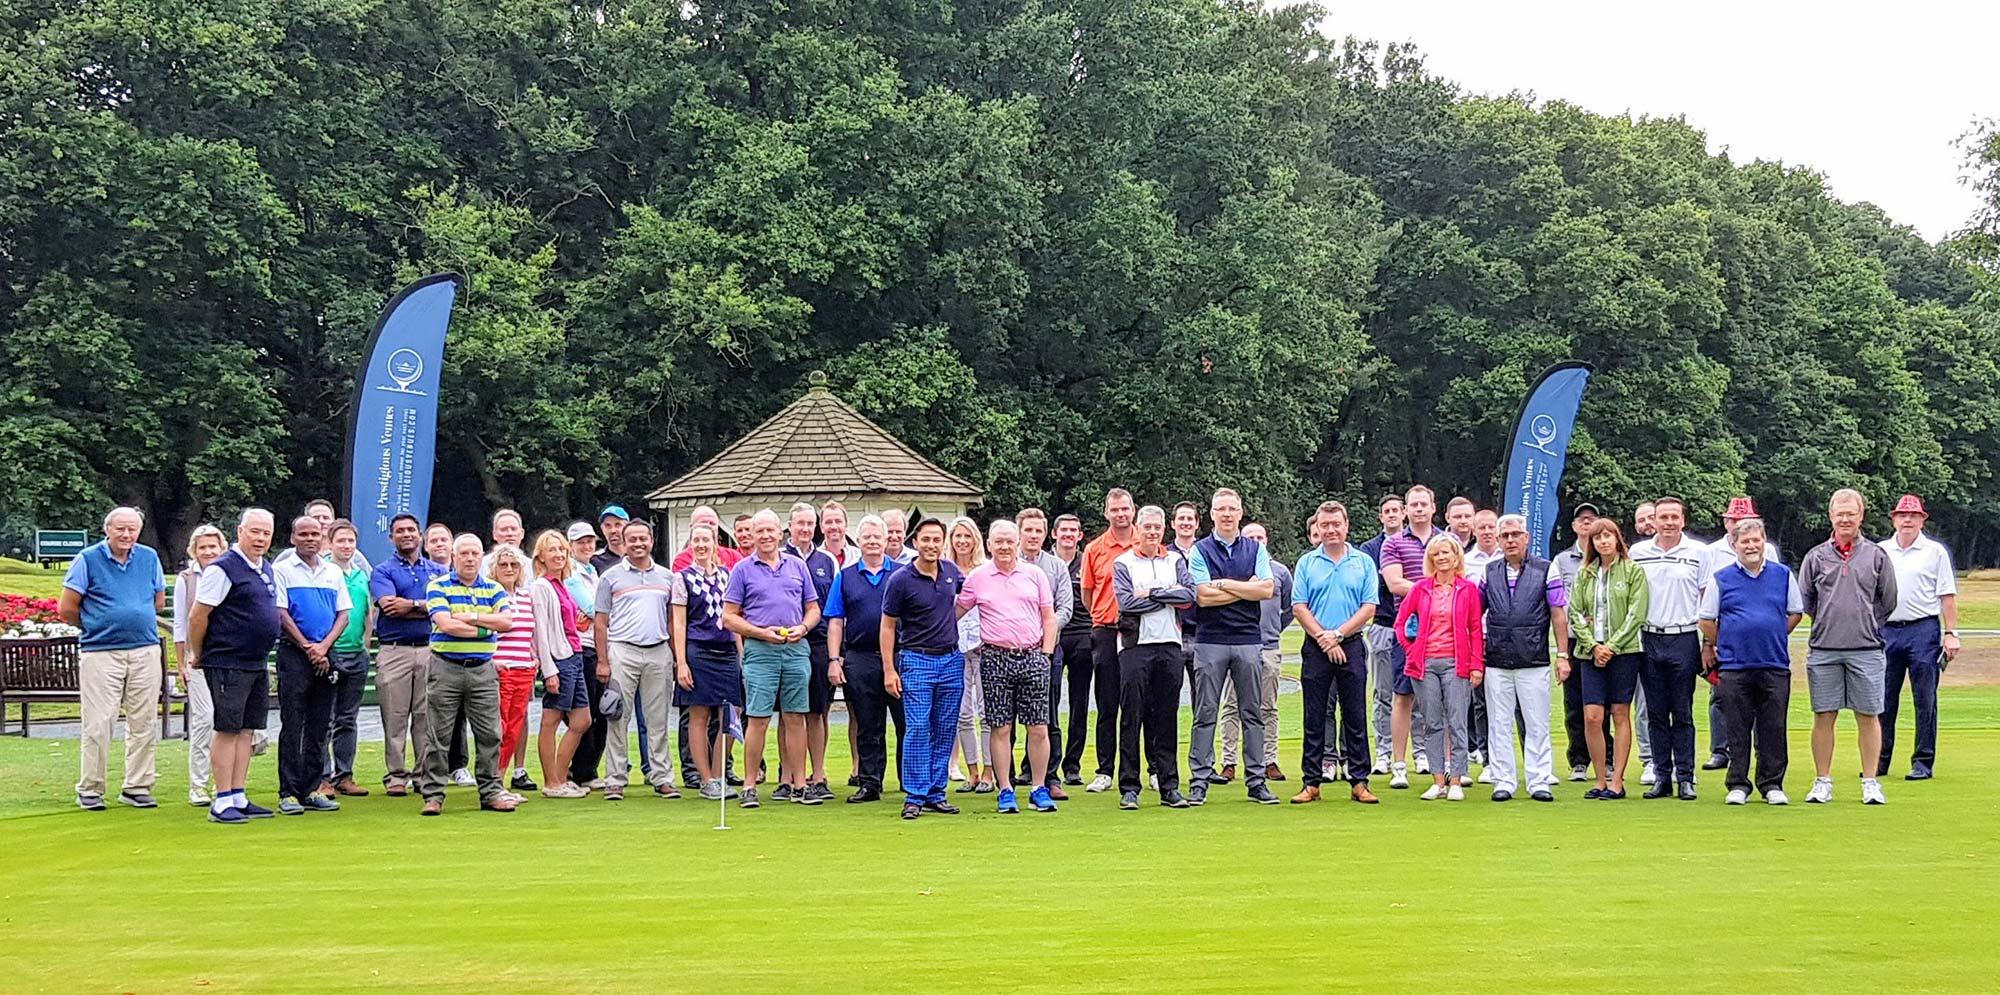 Prestigious Venues Golf Day 2019, 7